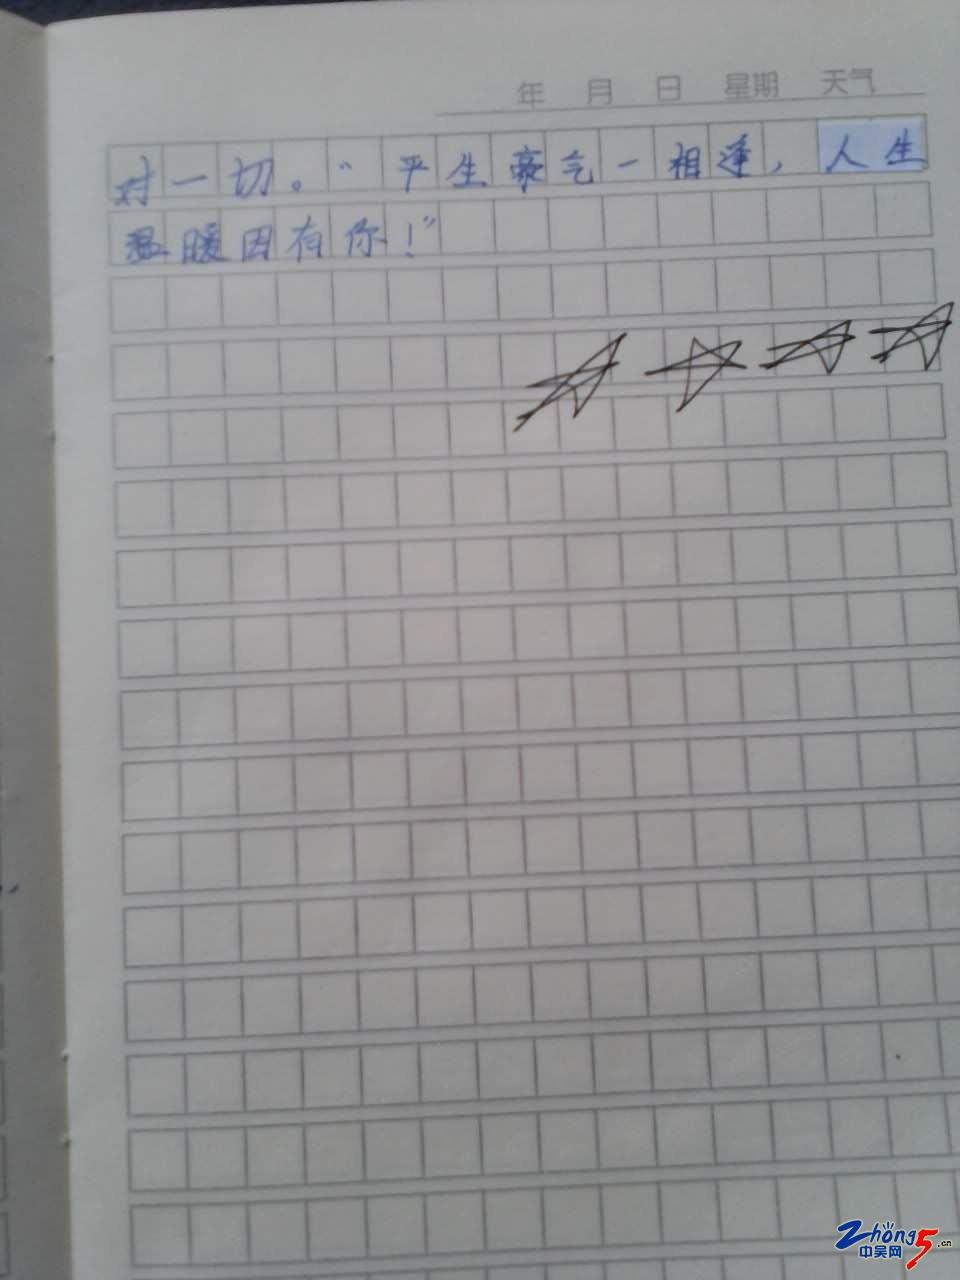 4老师QQ1928668148.jpg